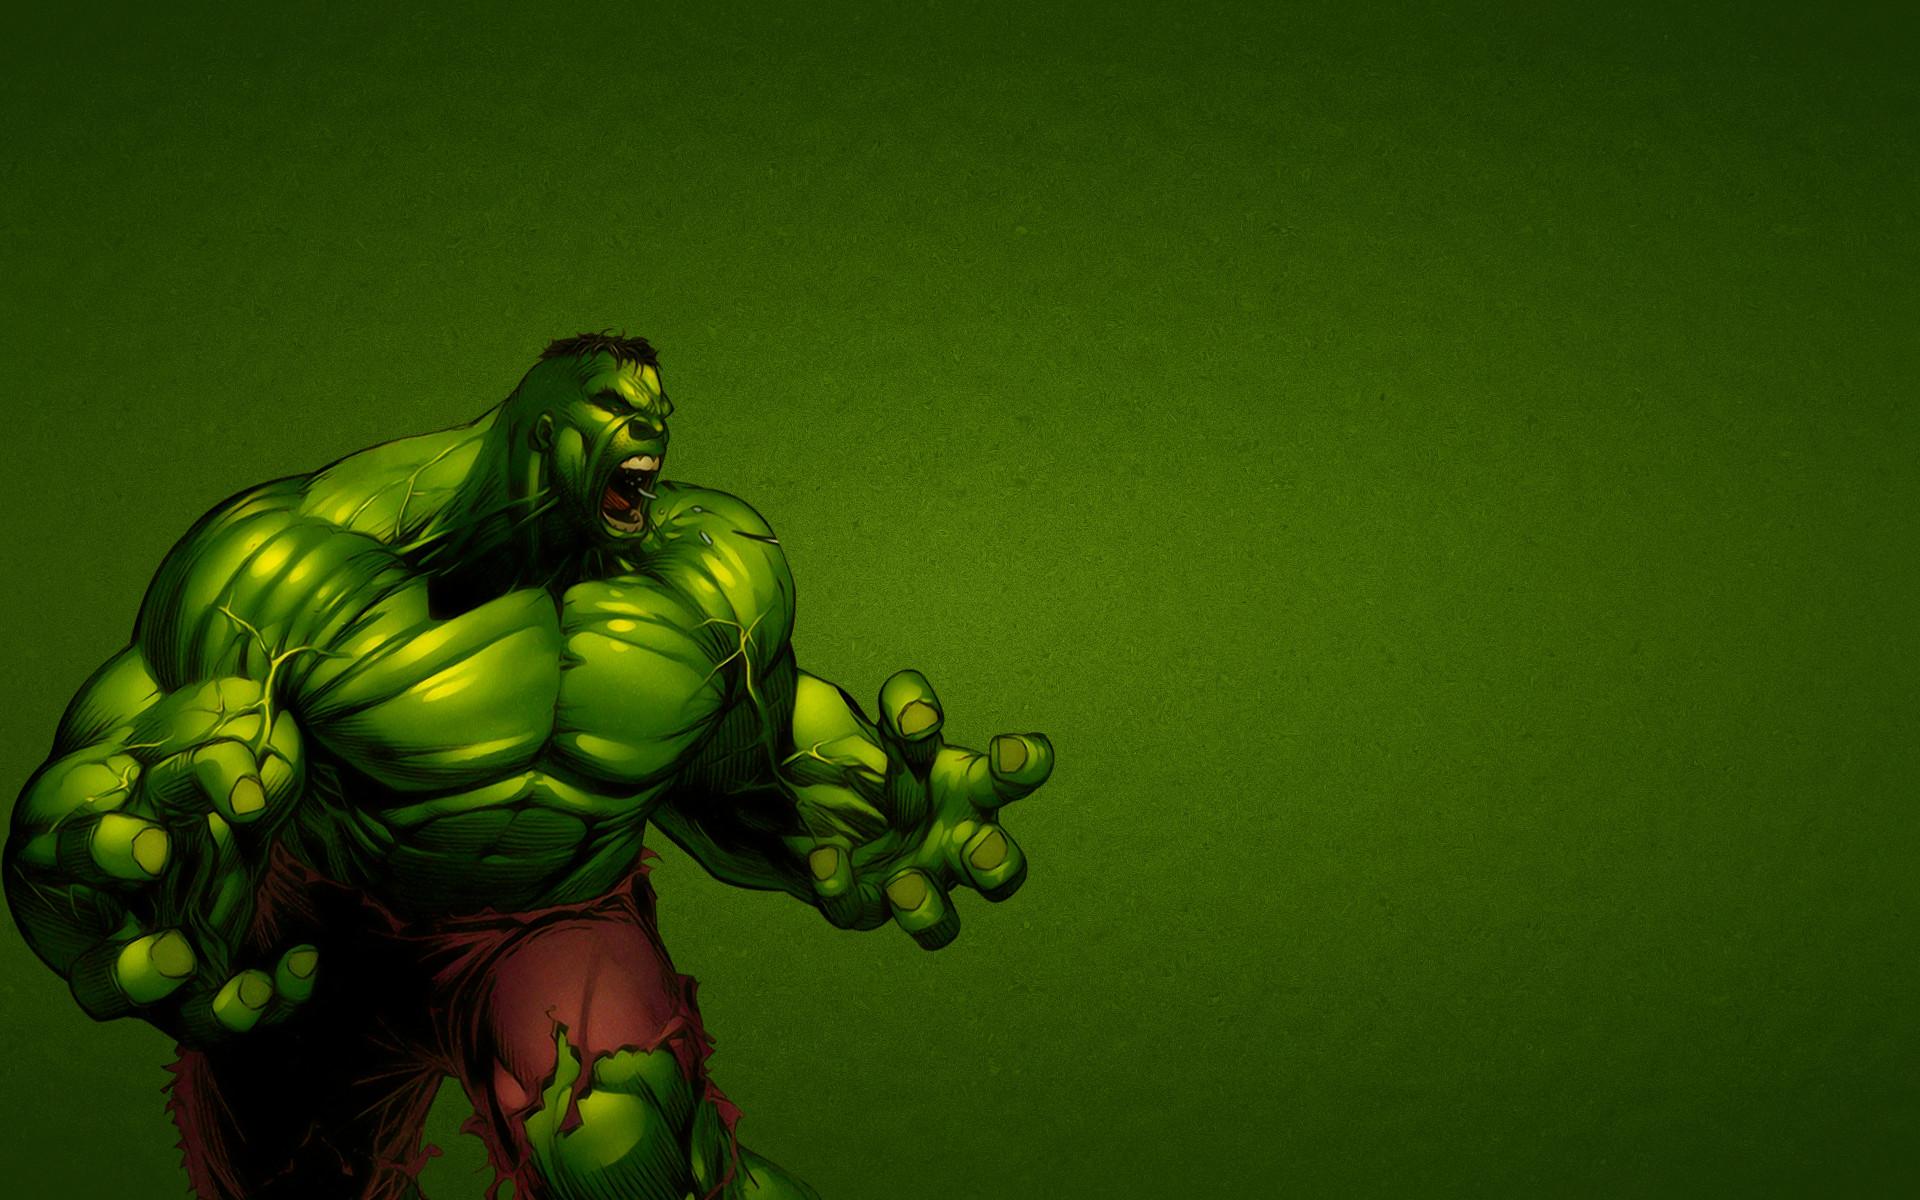 Hulk Roar